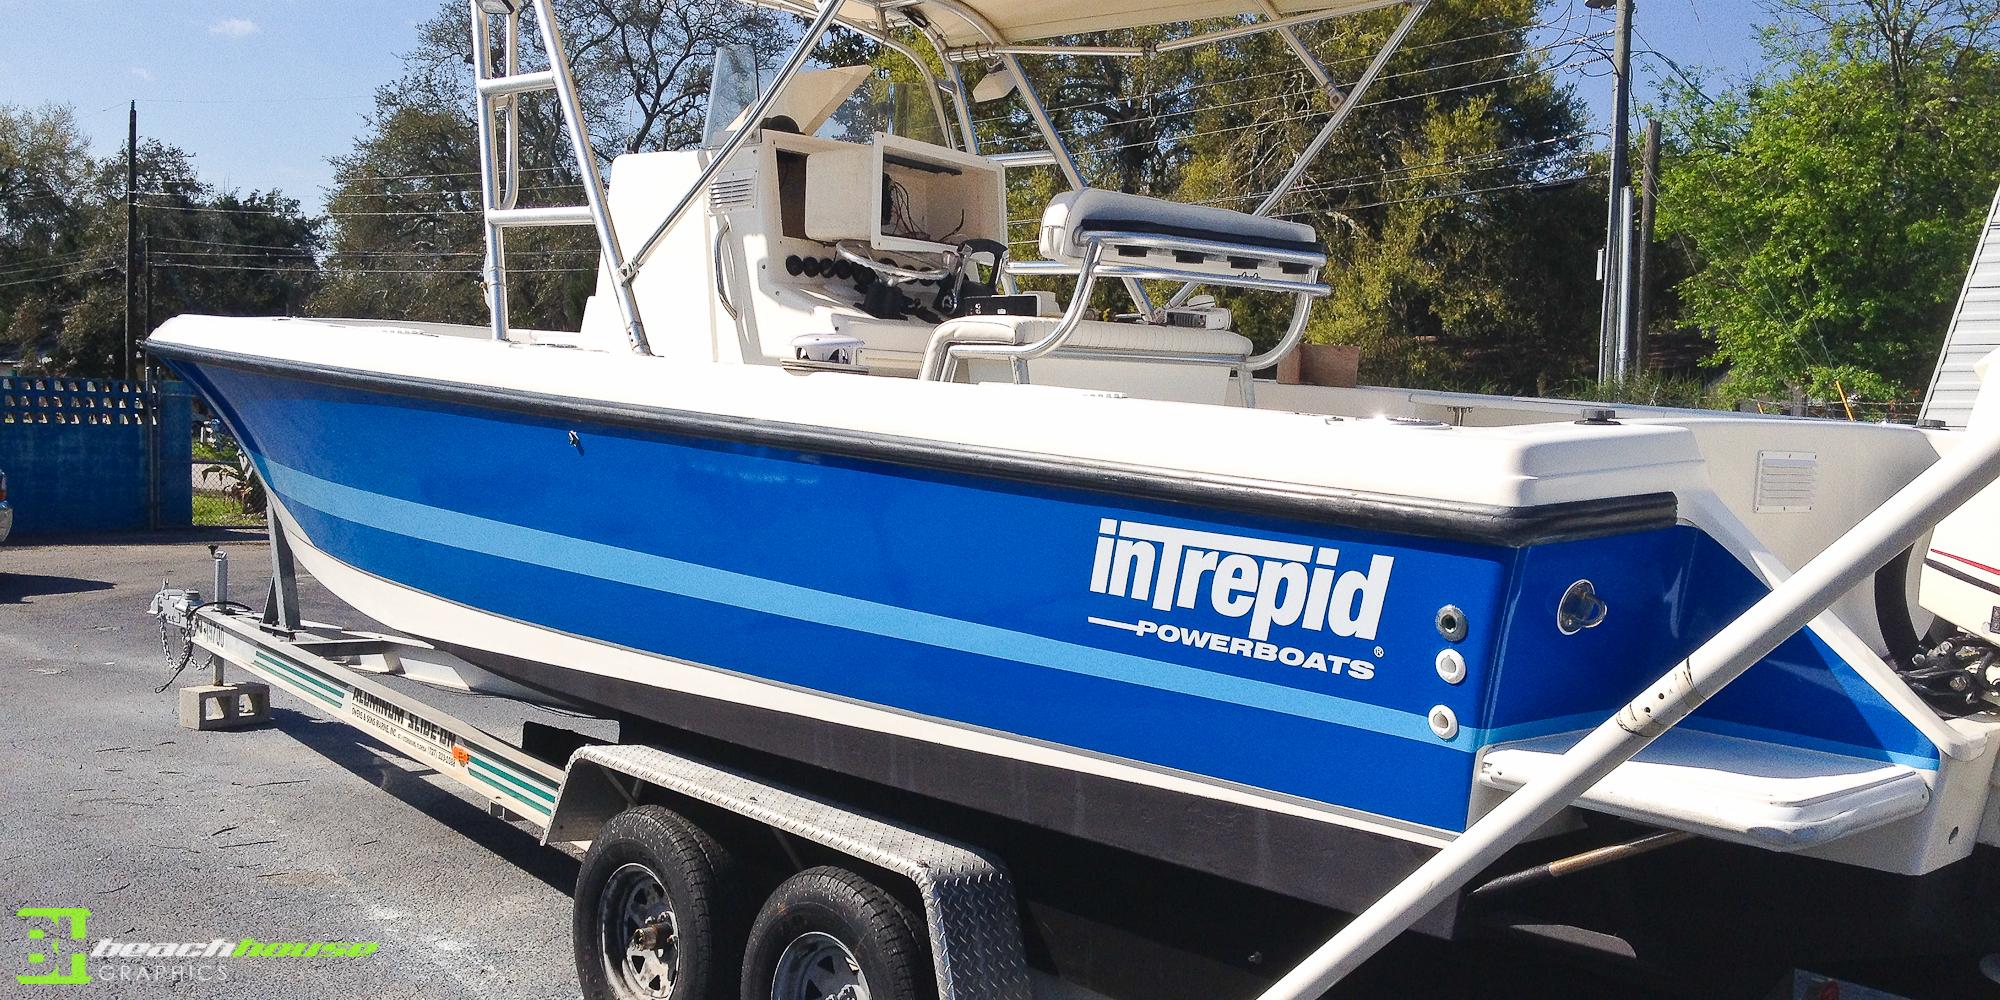 Vinyl Boat Decal Vehicle Wraps Daytona 386 256 0998